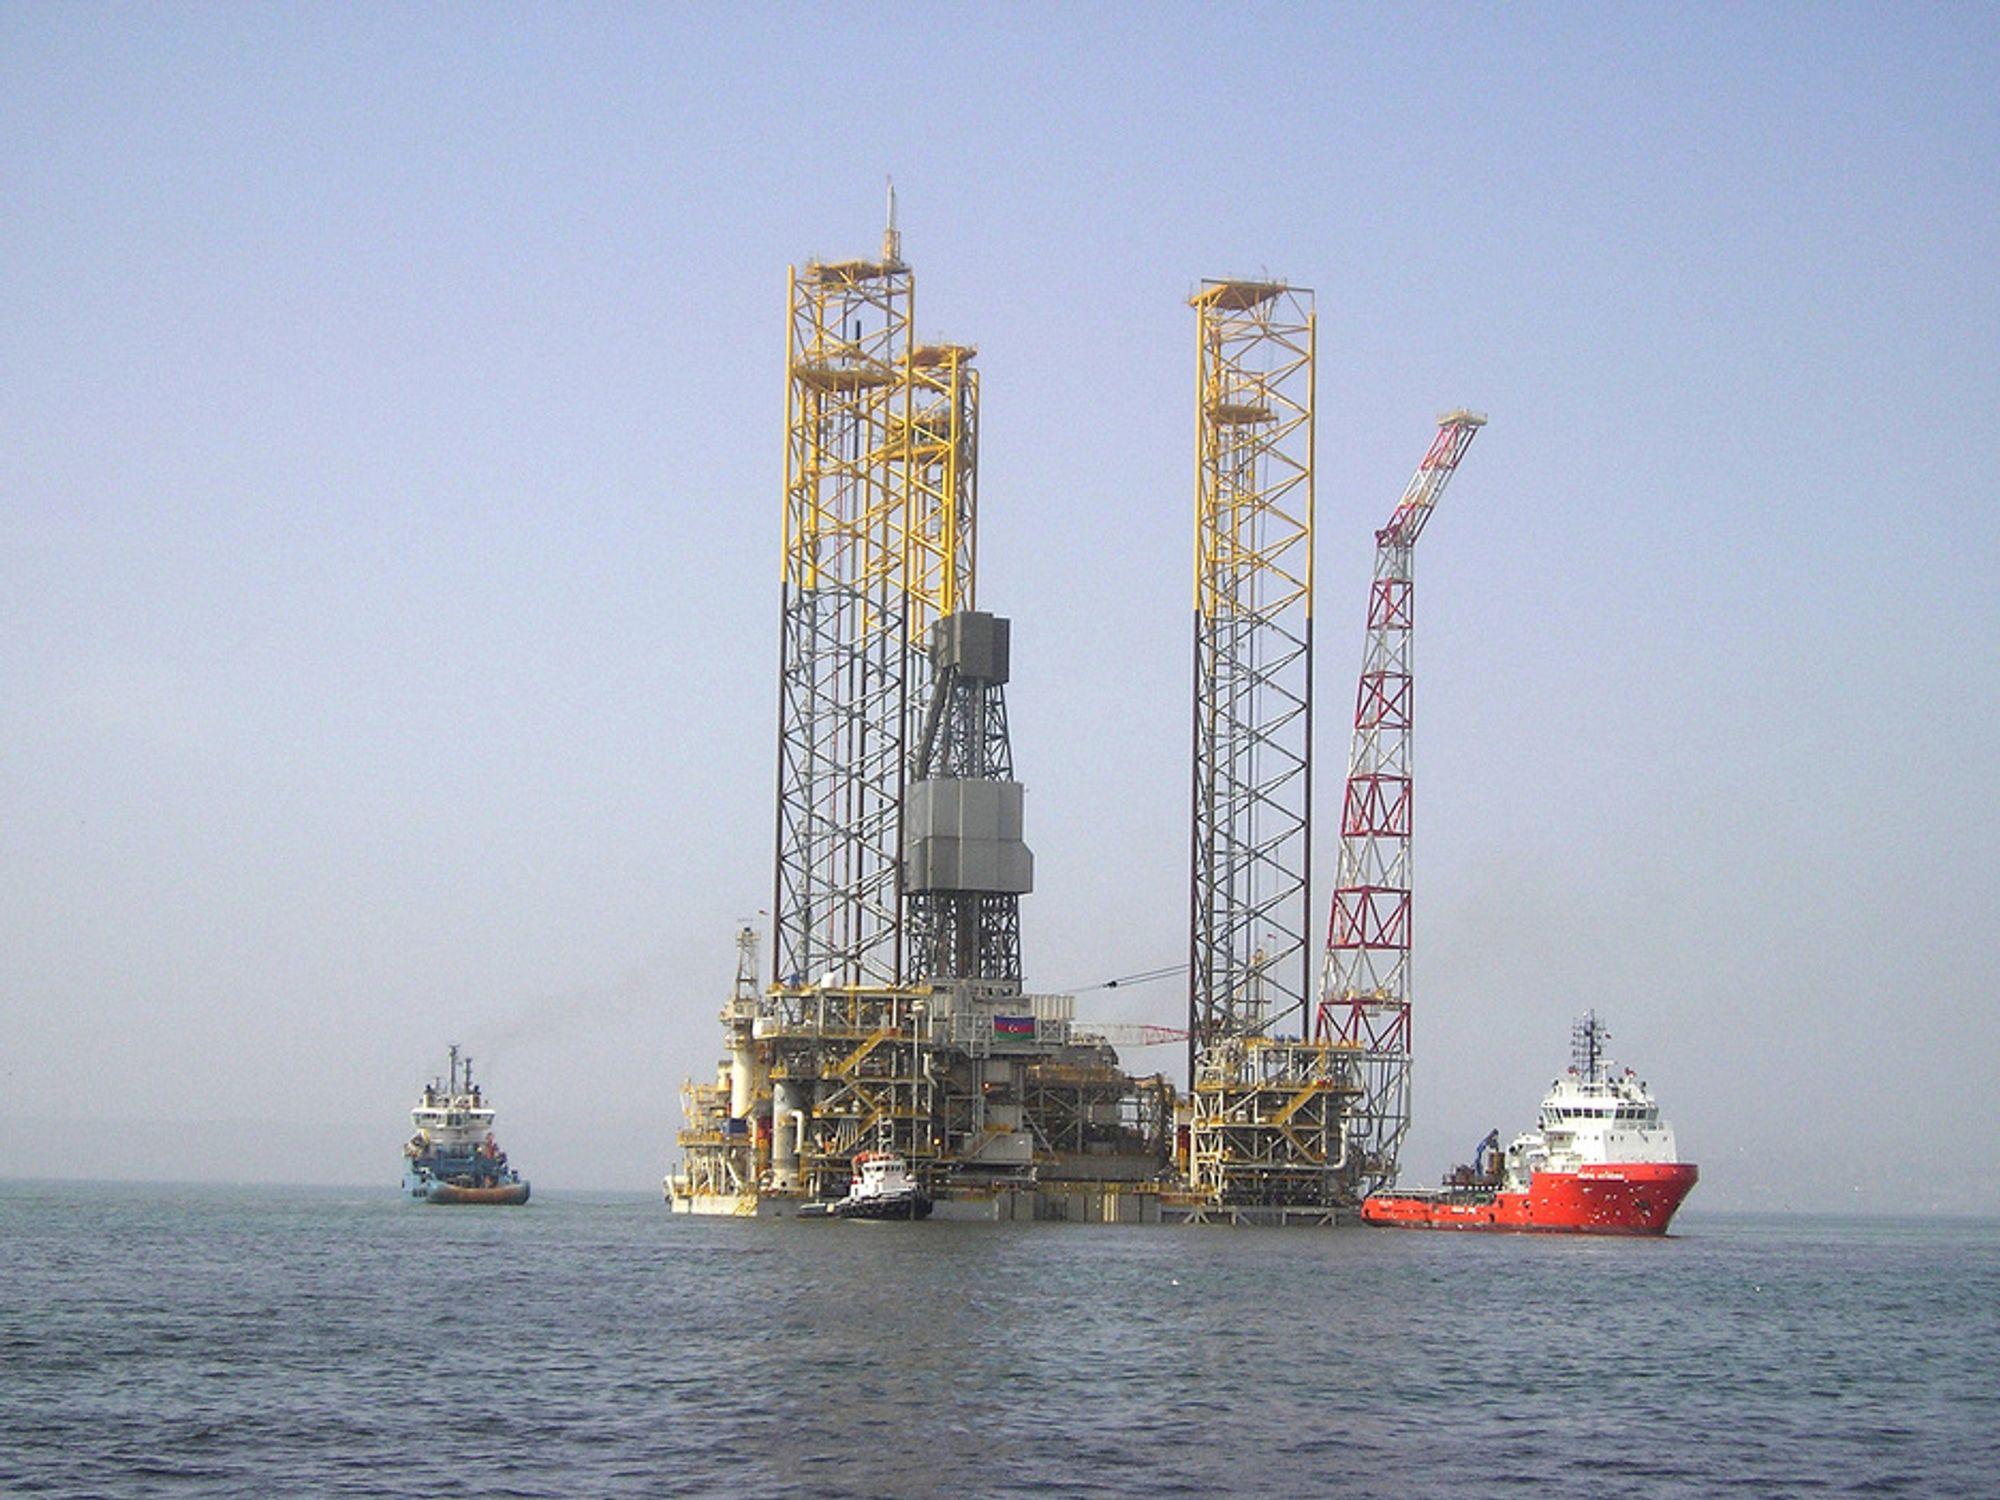 MER OLJE: Oljeselskap verden over viser nå stor interesse for en britisk oppfinnelse der leteboring og feltutbygging kan bli rimeligerte og gi raskere resultat. Teknikken vil kunne gjøre det interessant å bygge ut mer marginale oljefelt.